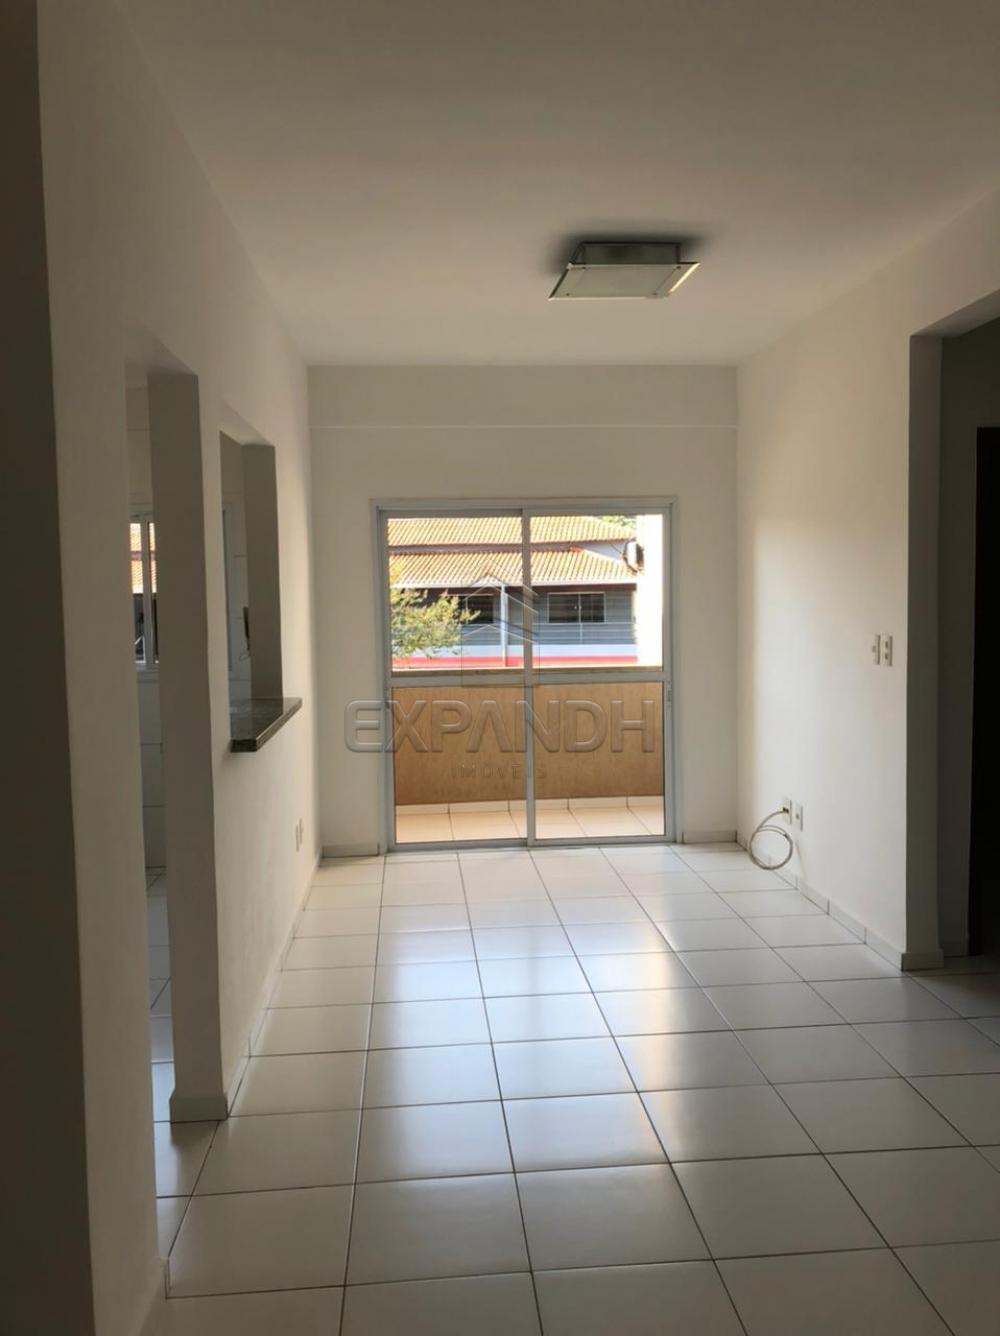 Alugar Apartamentos / Padrão em Sertãozinho R$ 1.200,00 - Foto 4